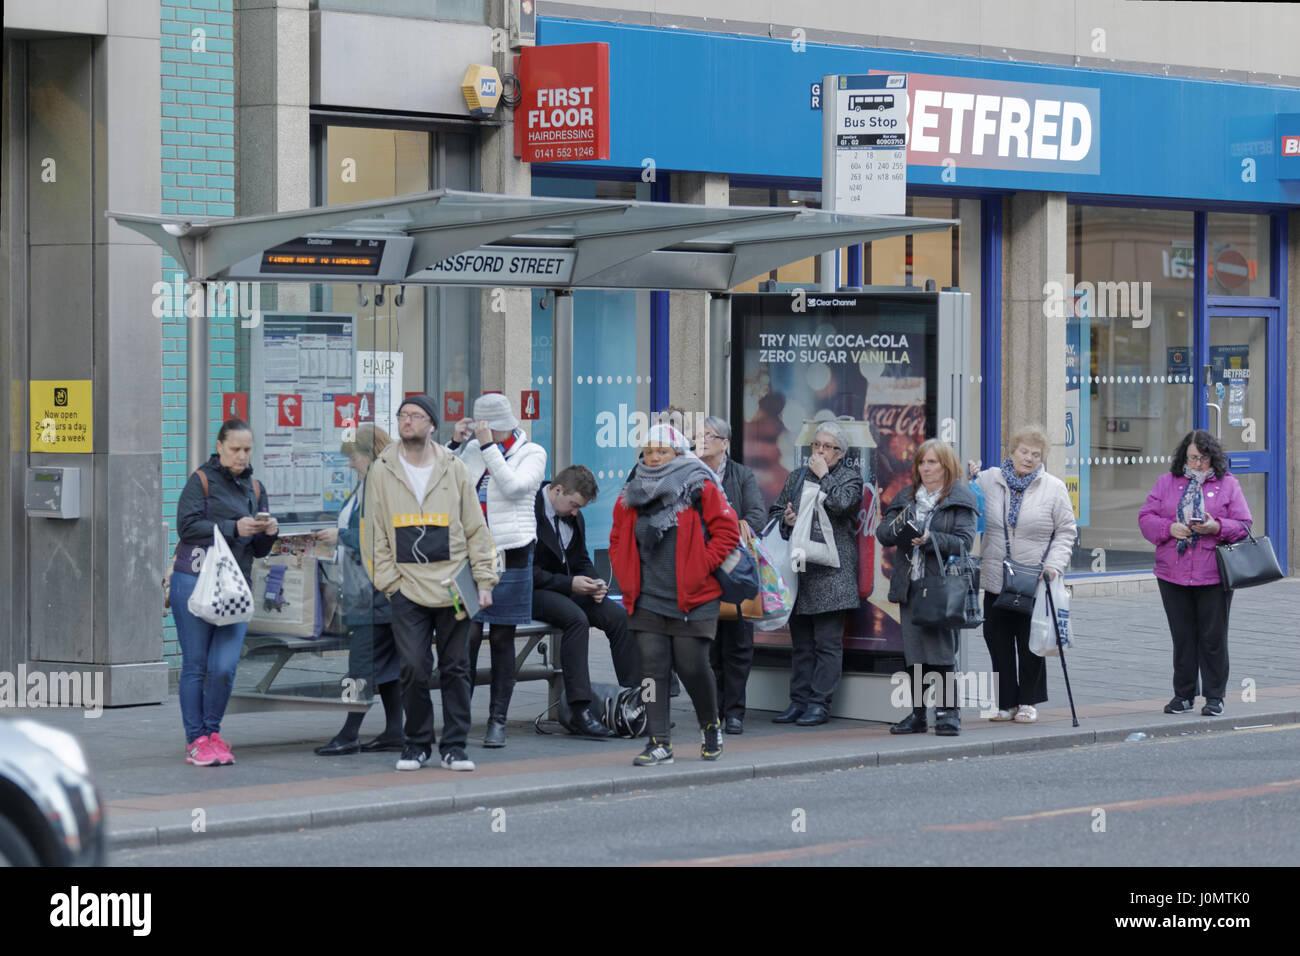 Glasgow fermata bus microcosmo della vita britannica Immagini Stock